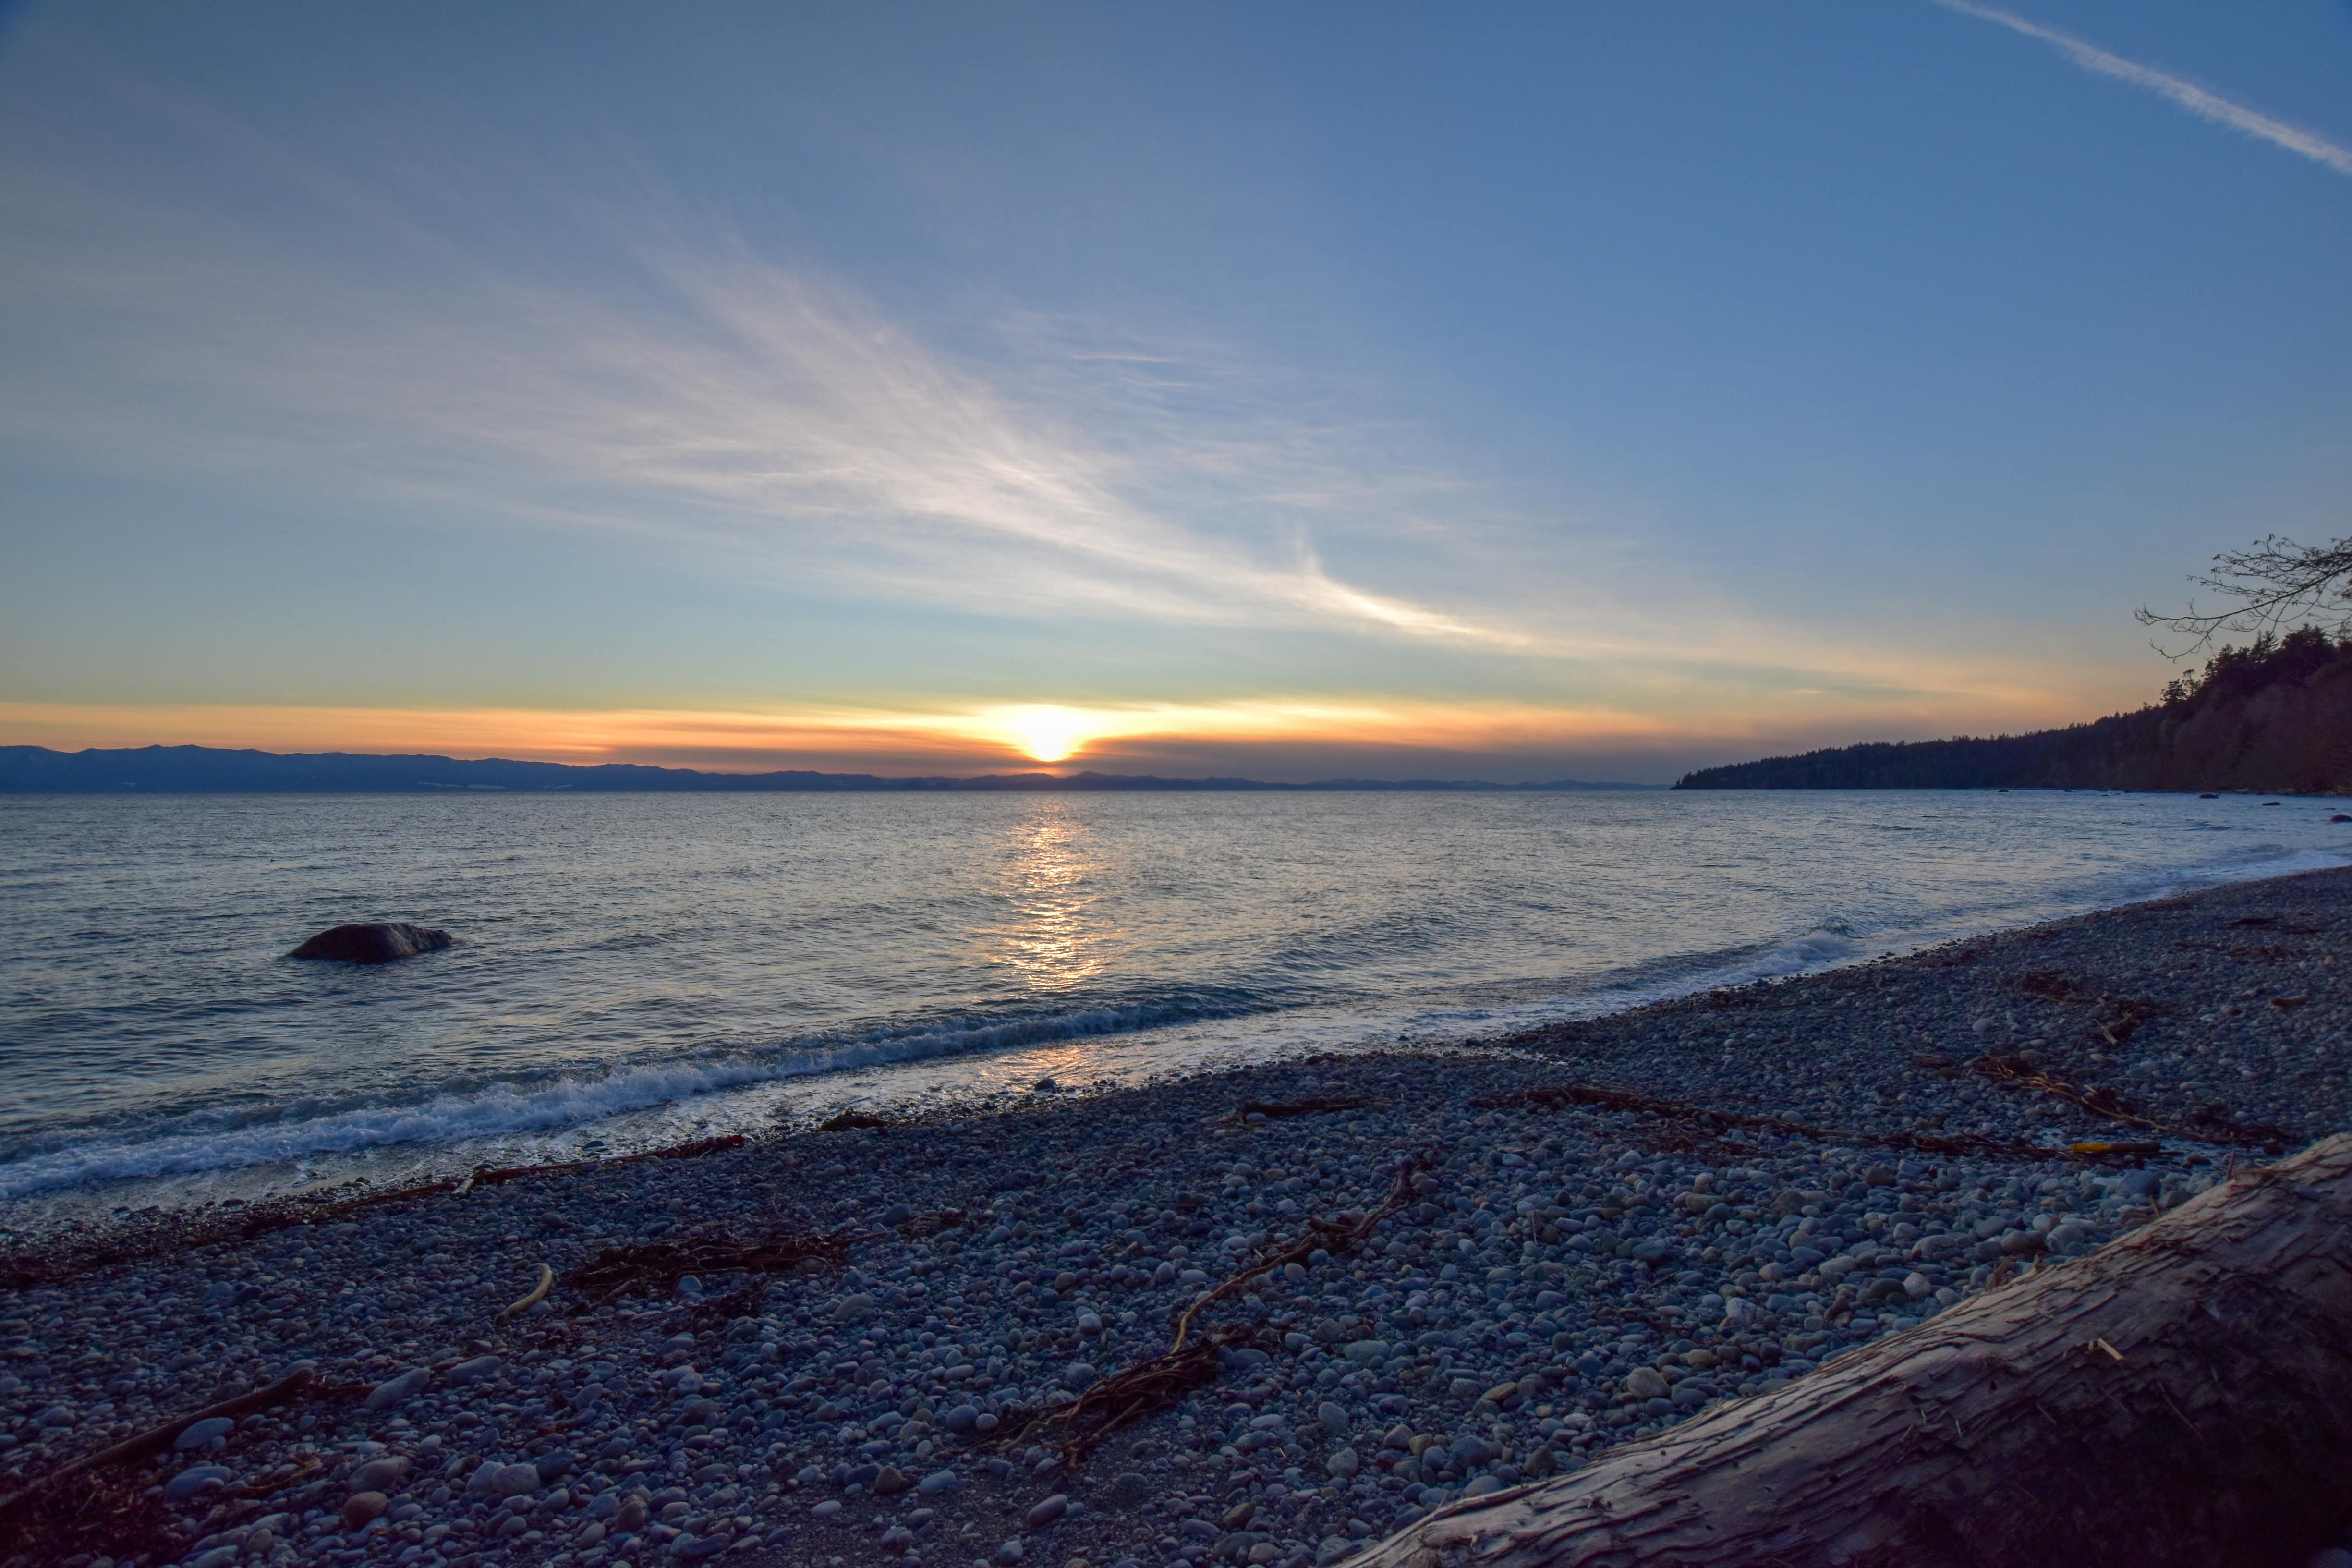 Sunset at Ocean Wilderness Beach